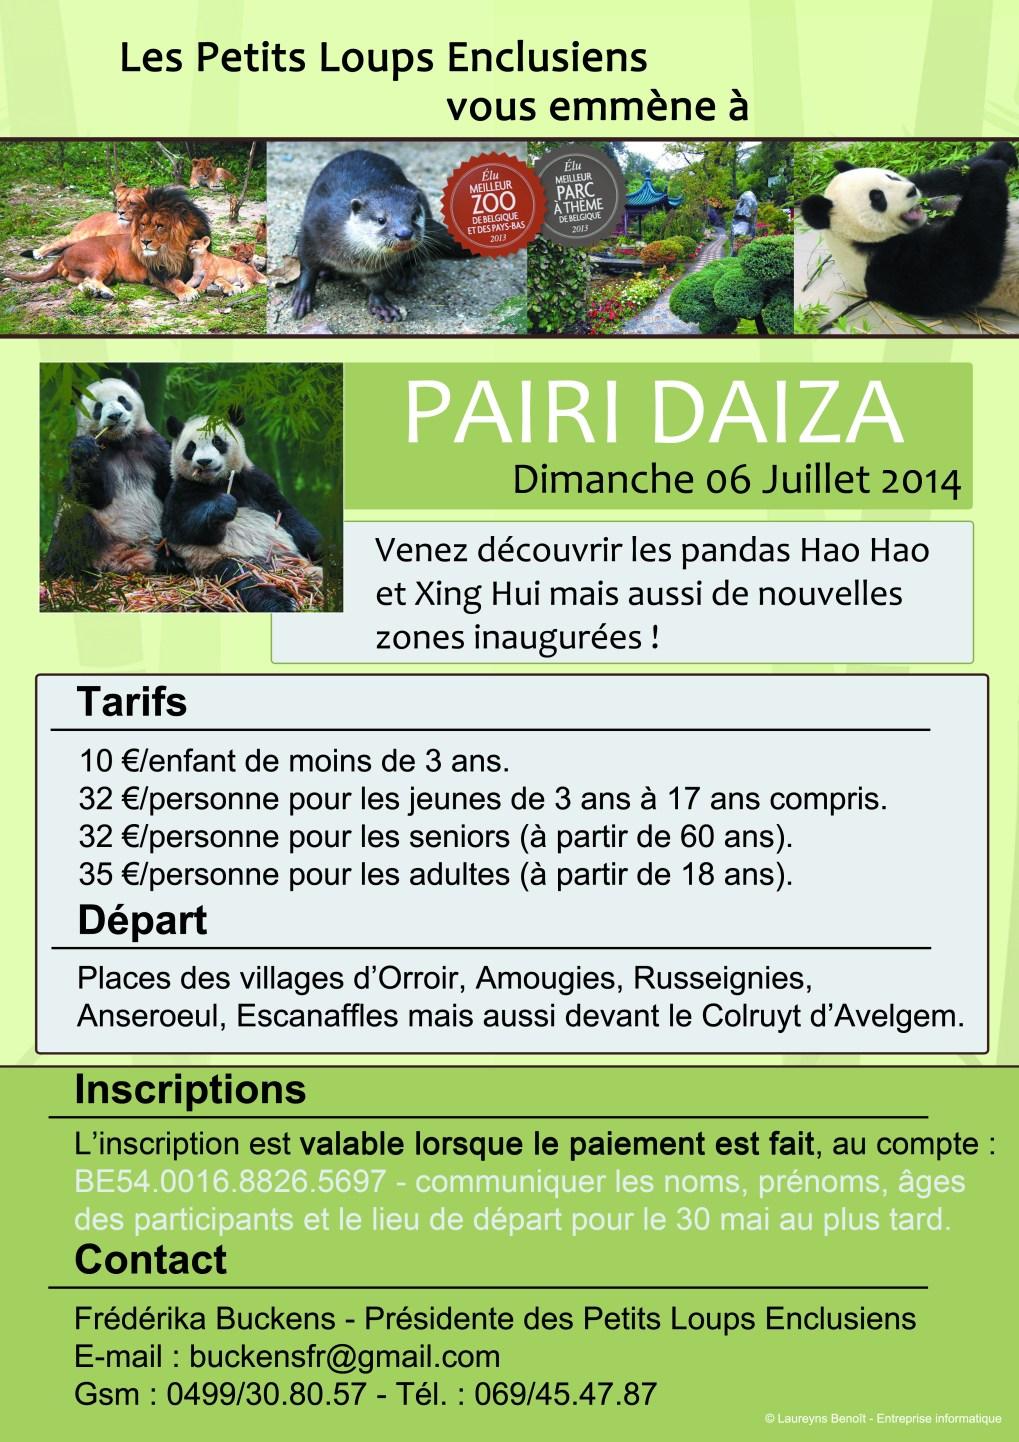 Voyage au parc de Pairi Daiza